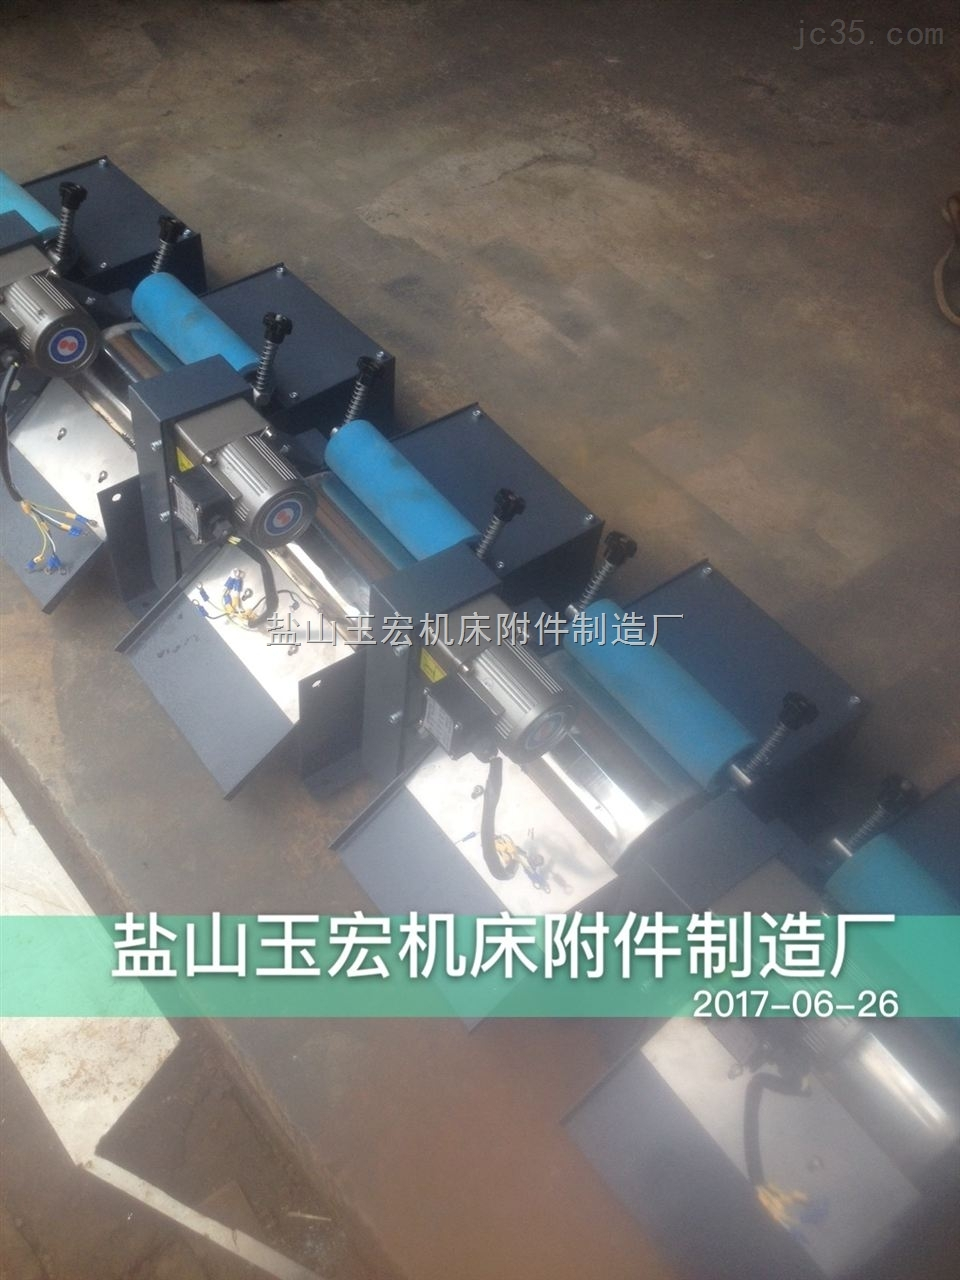 江苏磁性分离器、浙江磁性分离器